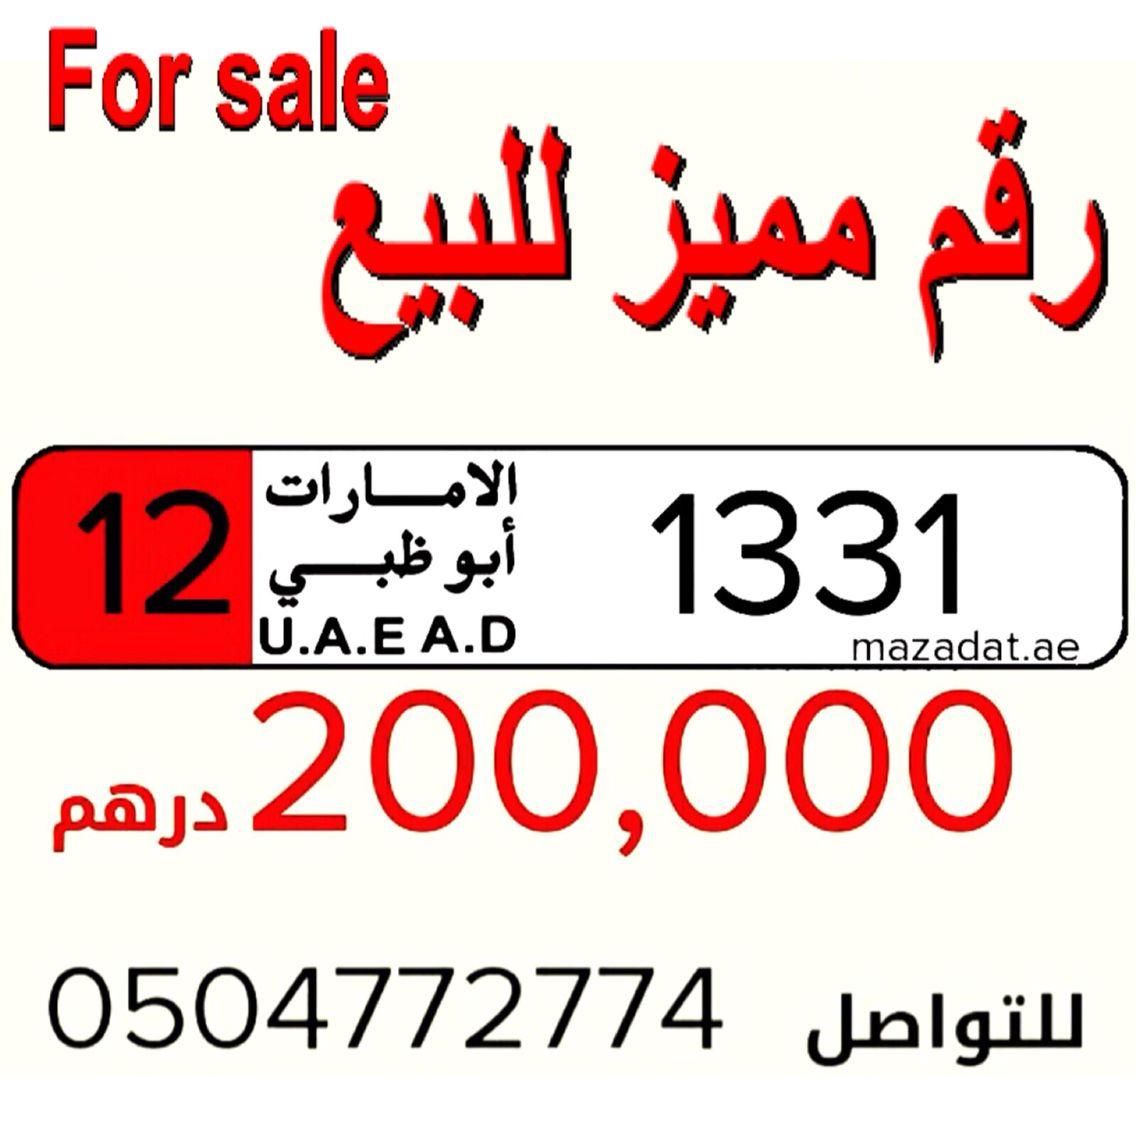 رقم مميز للبيع رقم لوحة سيارة لإمارة ابوظبي للبيع للتواصل 0504772774 اعلانvip رقم رقم مميز رقم للبيع انستقرام Uae4cars2u ل Arabic Calligraphy Calligraphy